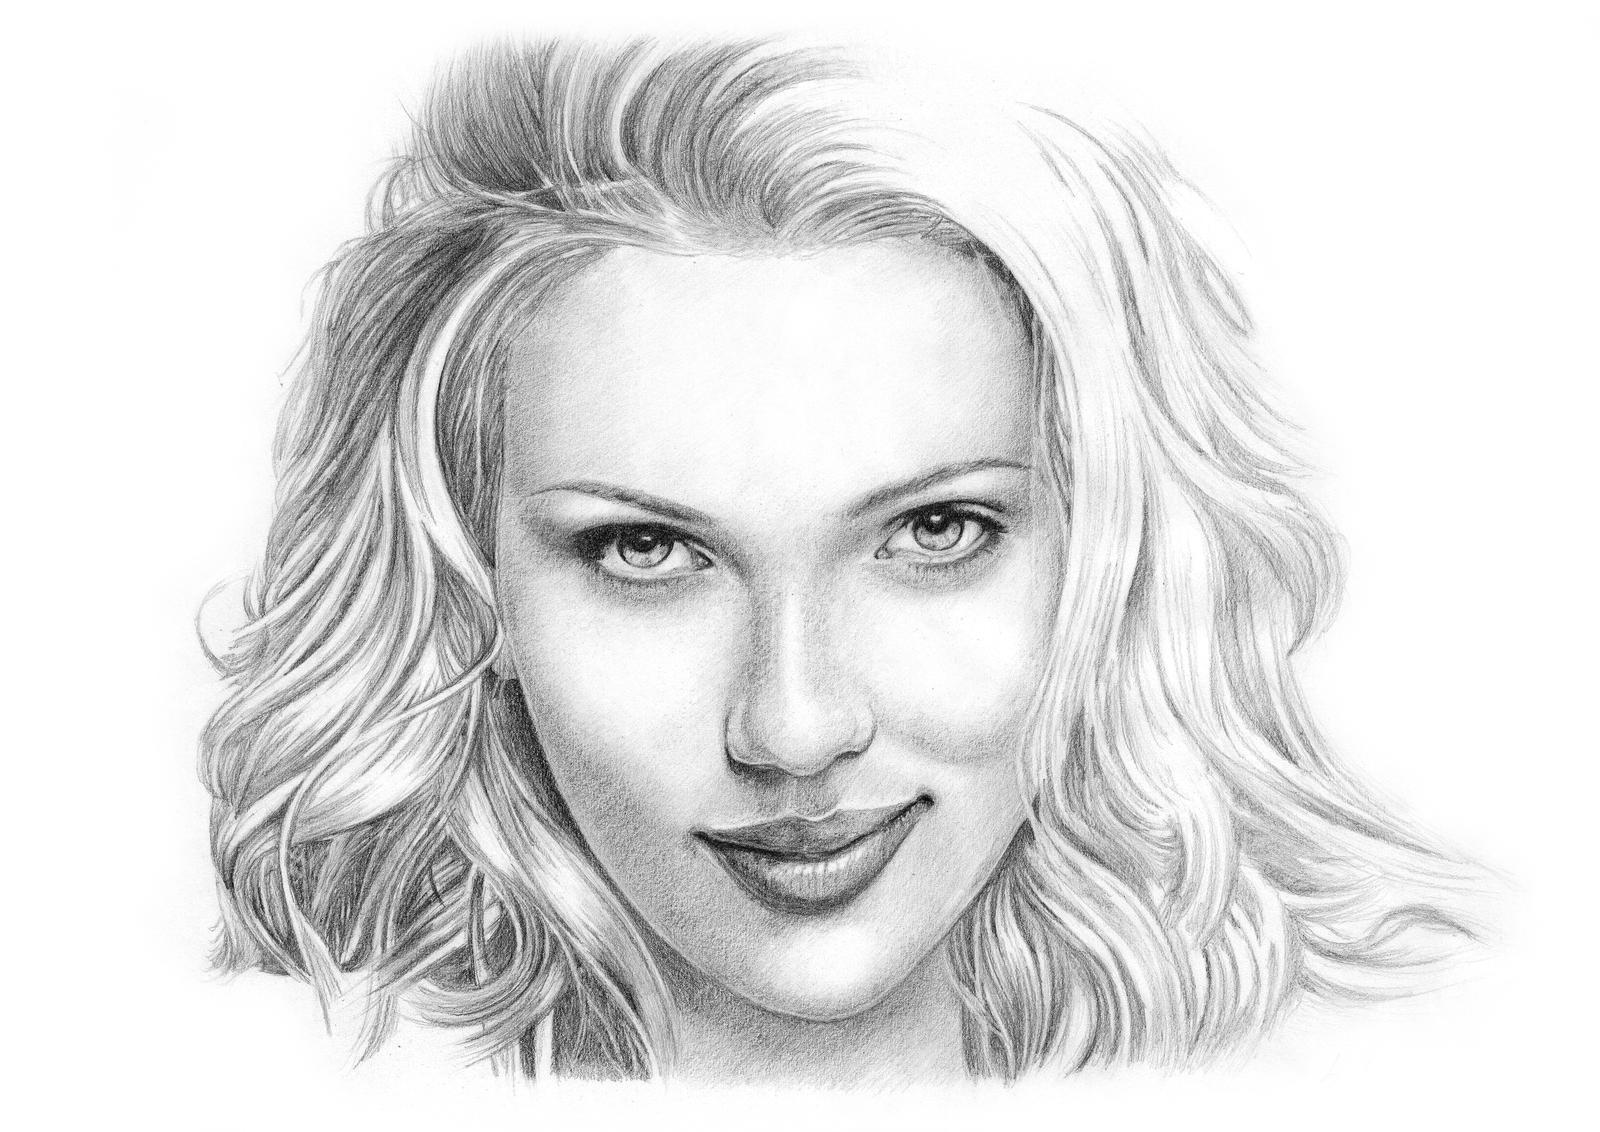 Scribble Drawing Portraits : Scarlett johansson portrait drawing by alien design on